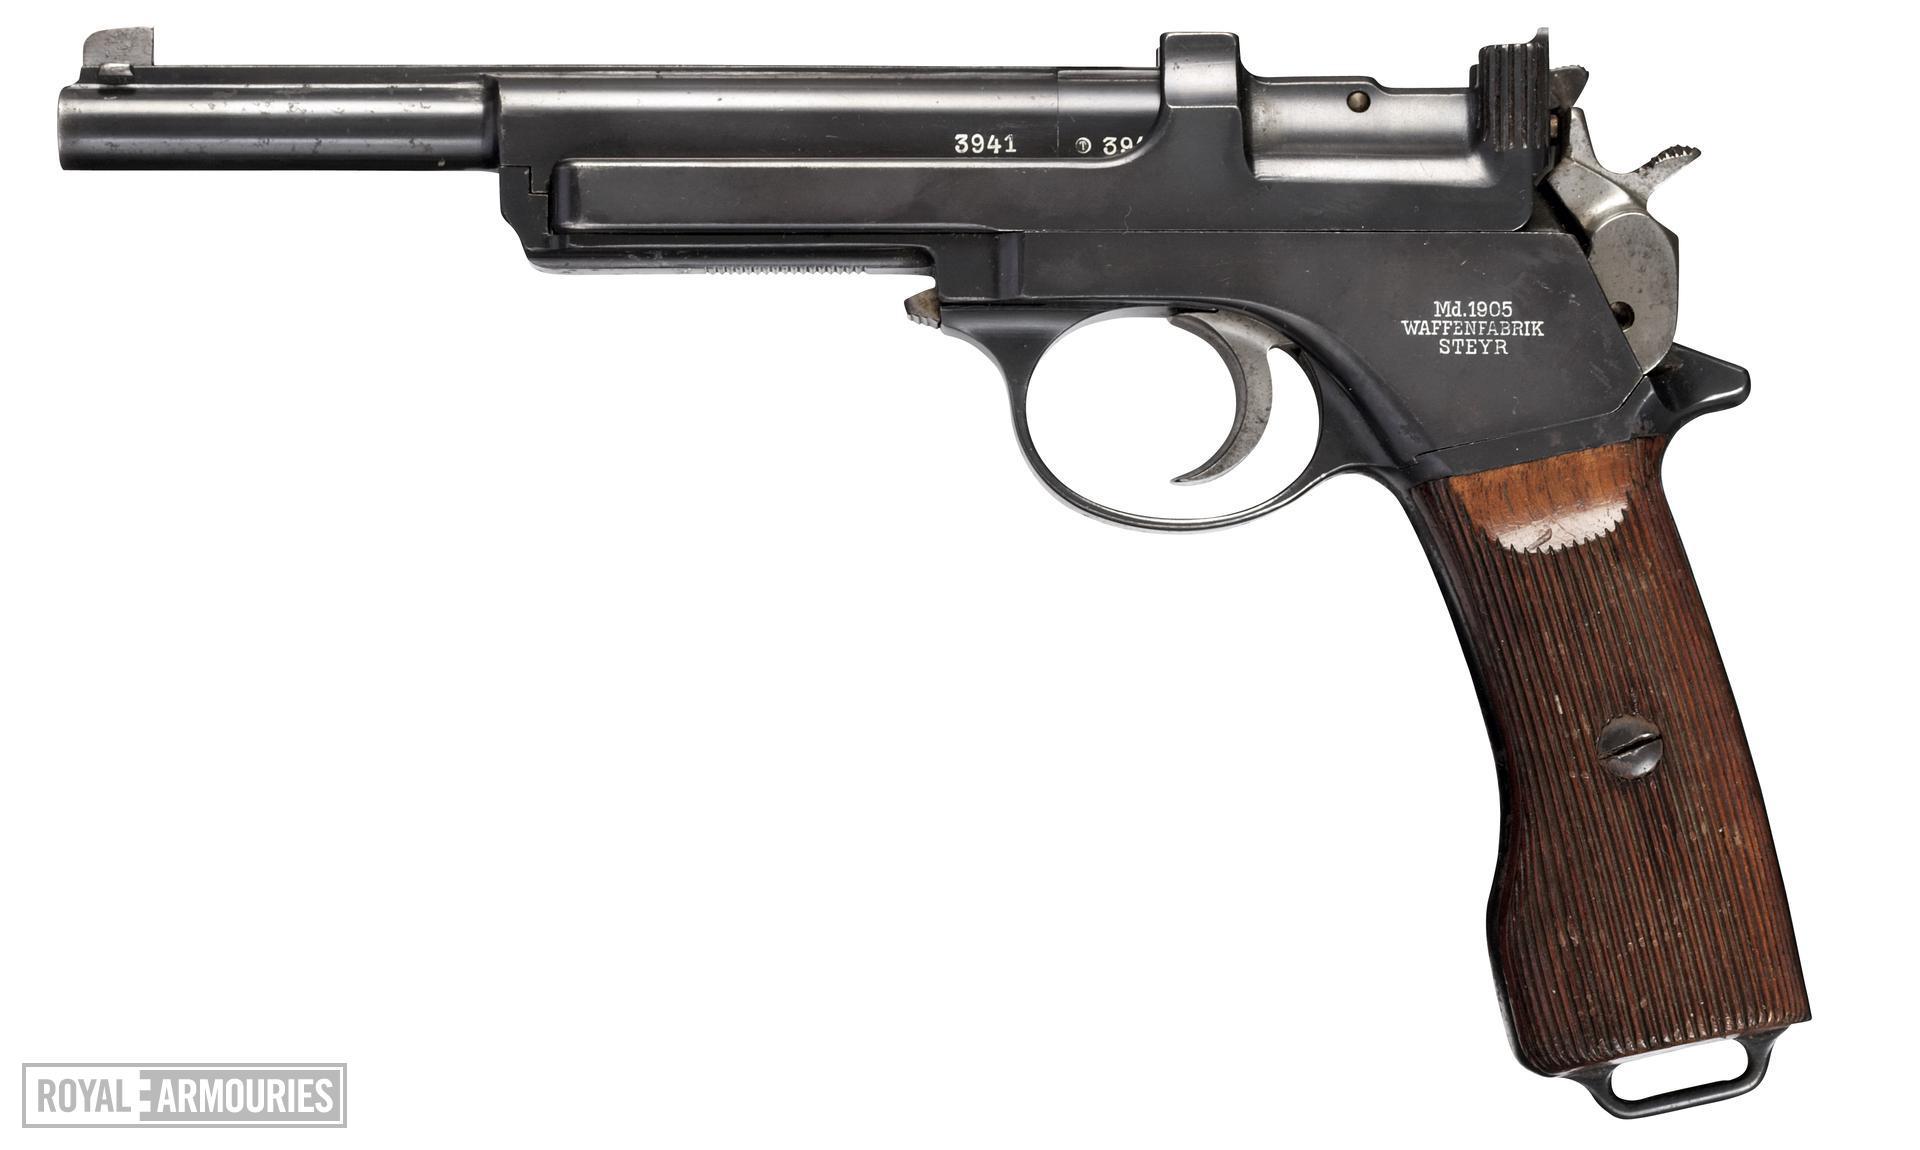 Centrefire self-loading pistol - Mannlicher Model 1905